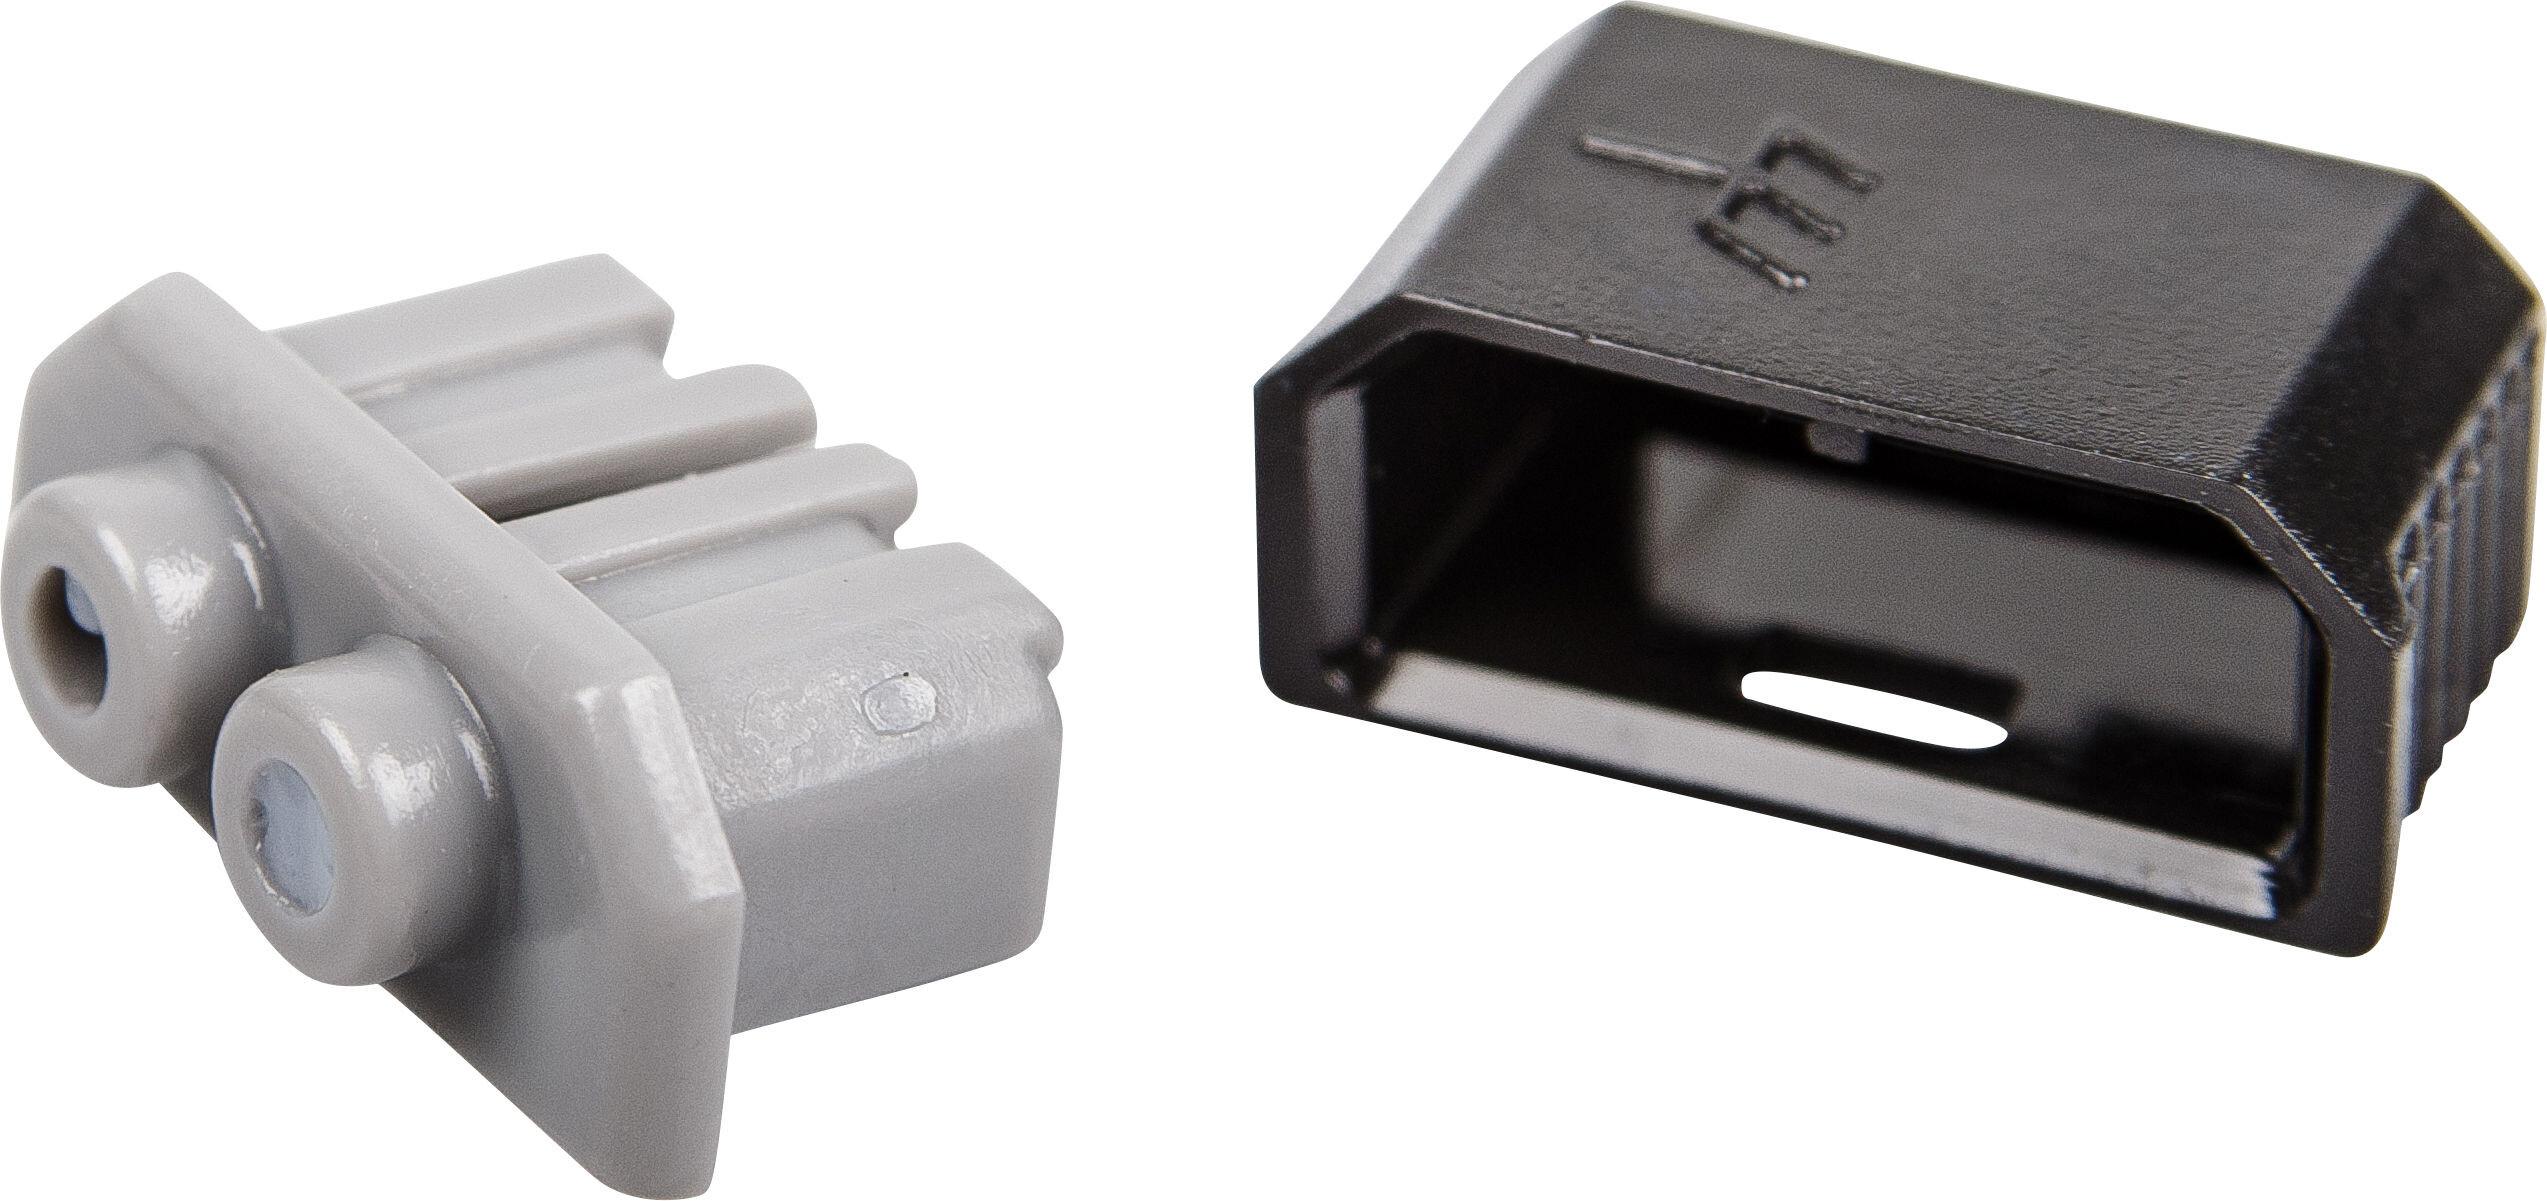 Shimano conector y cubierta para Nabendynamo hb-nx30//50